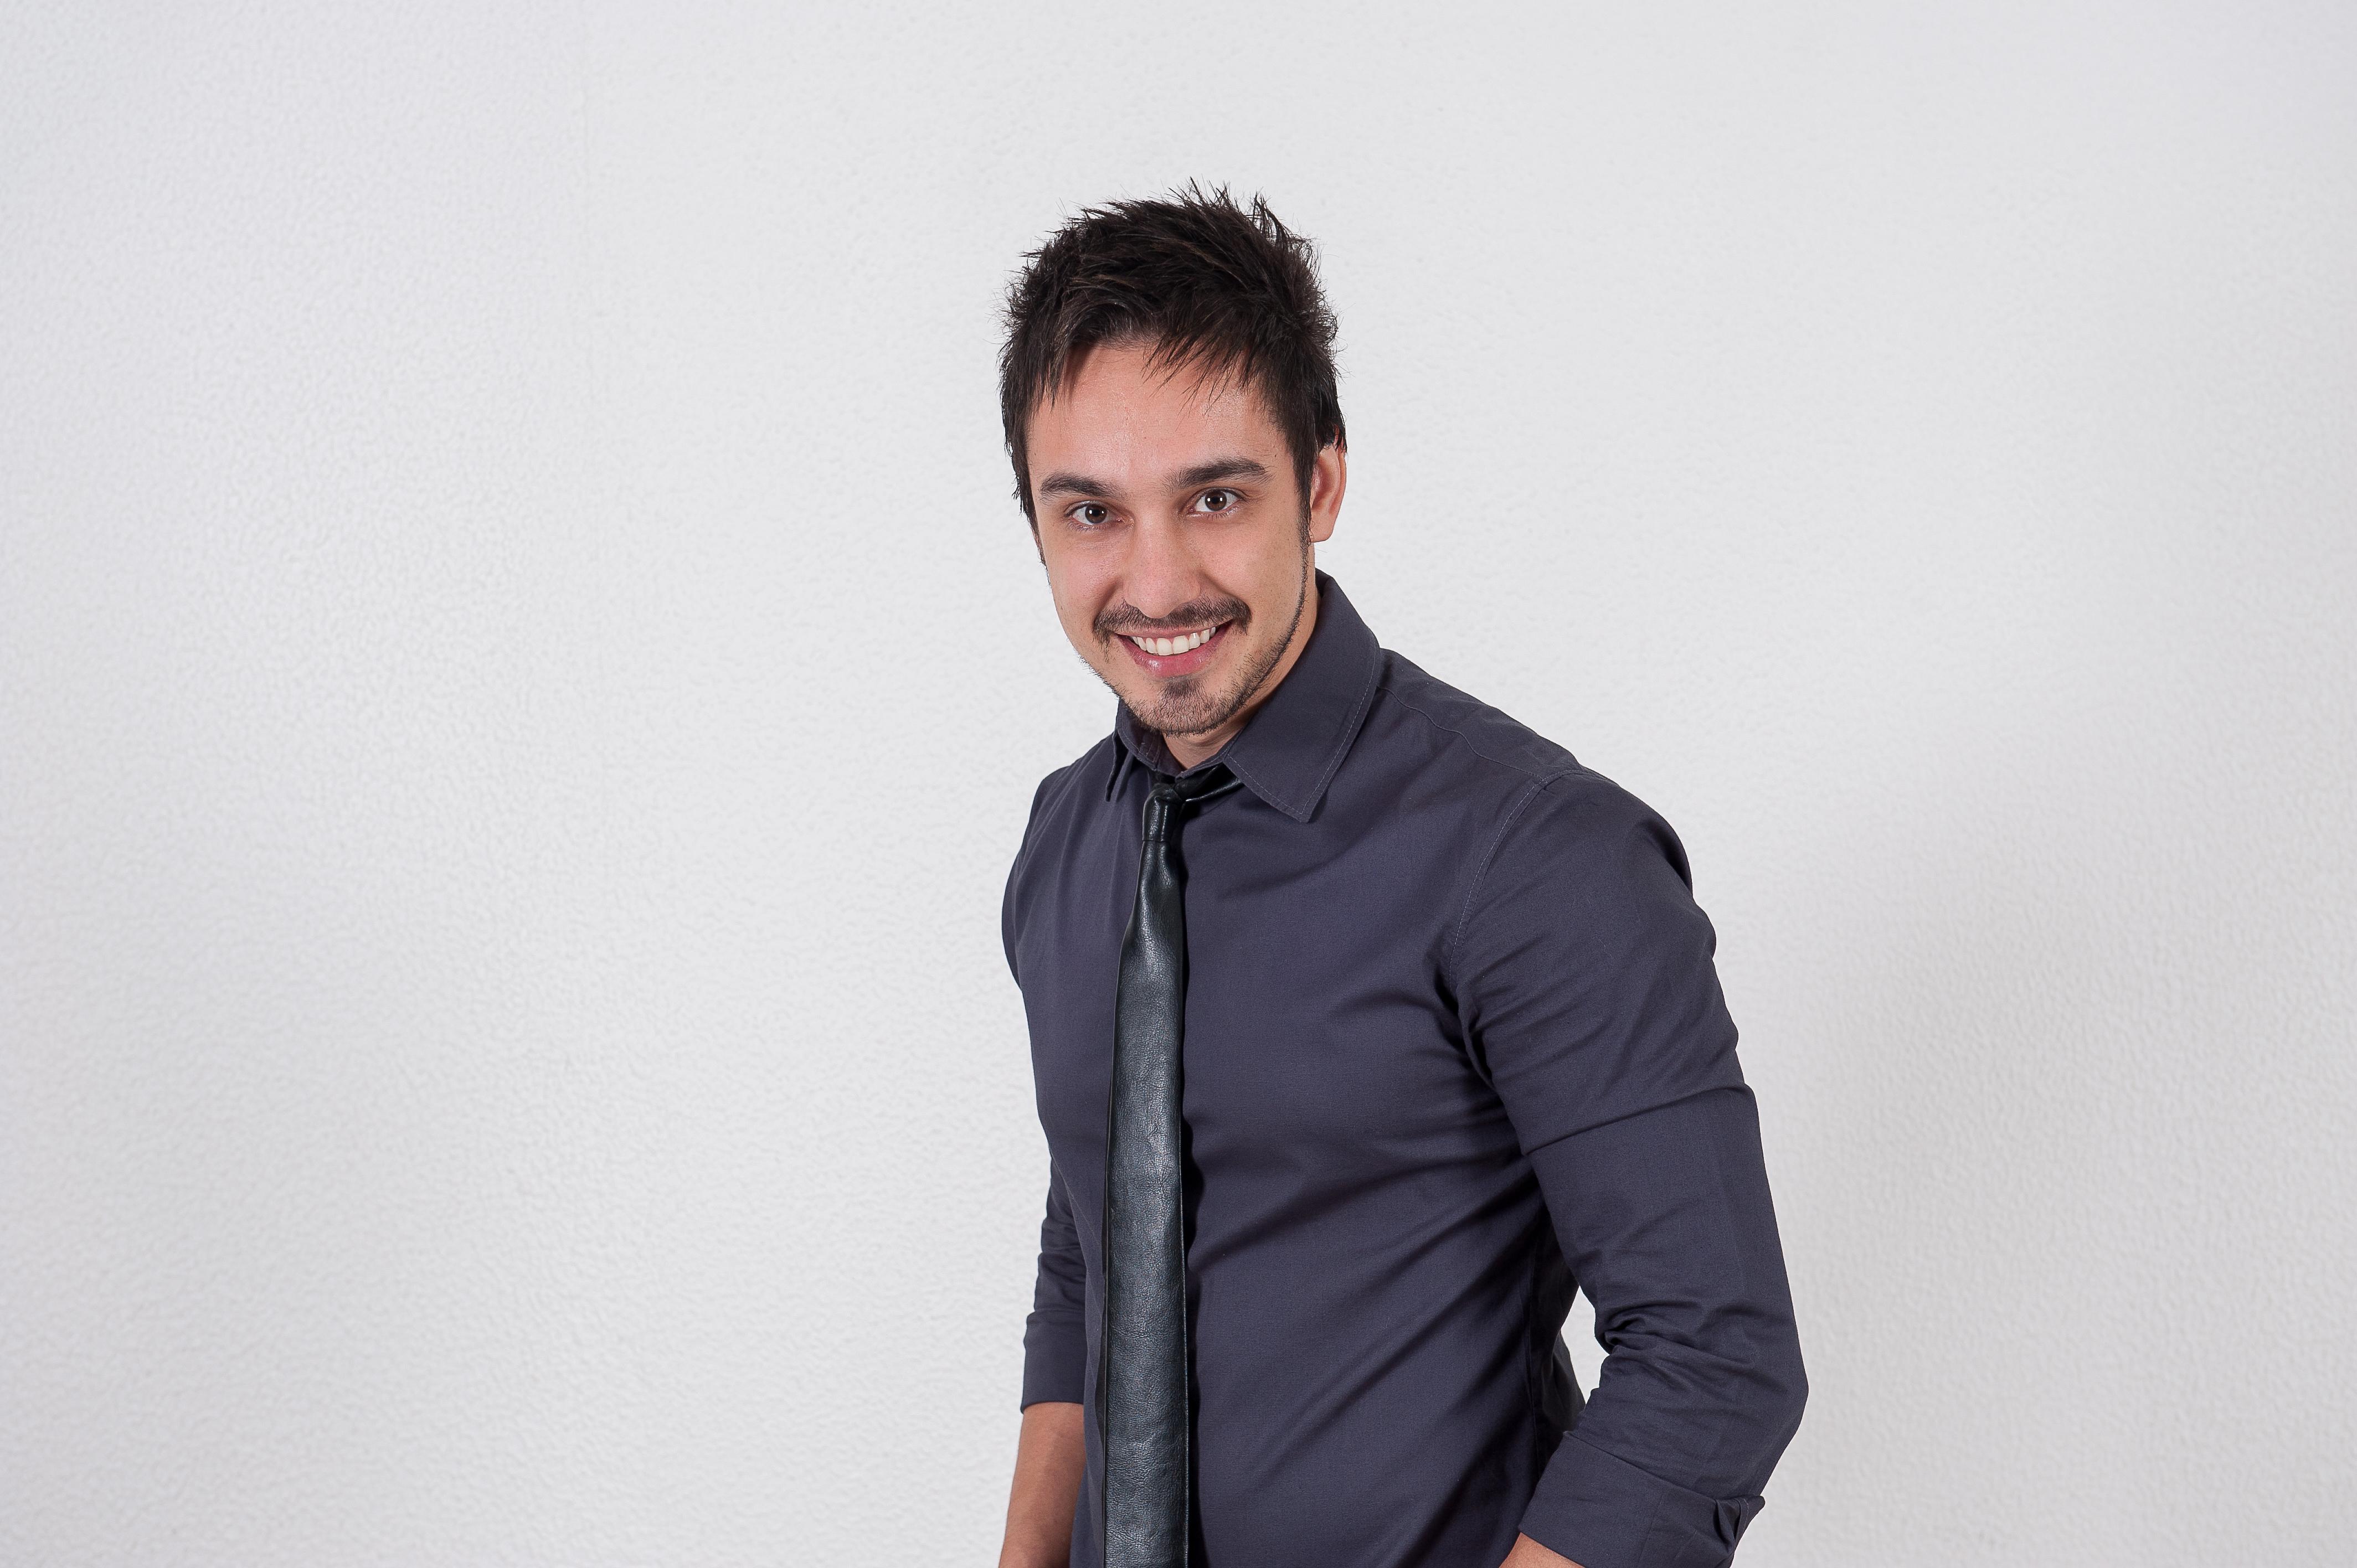 Rodrigo Ferrari grava seu primeiro DVD no dia 17/05